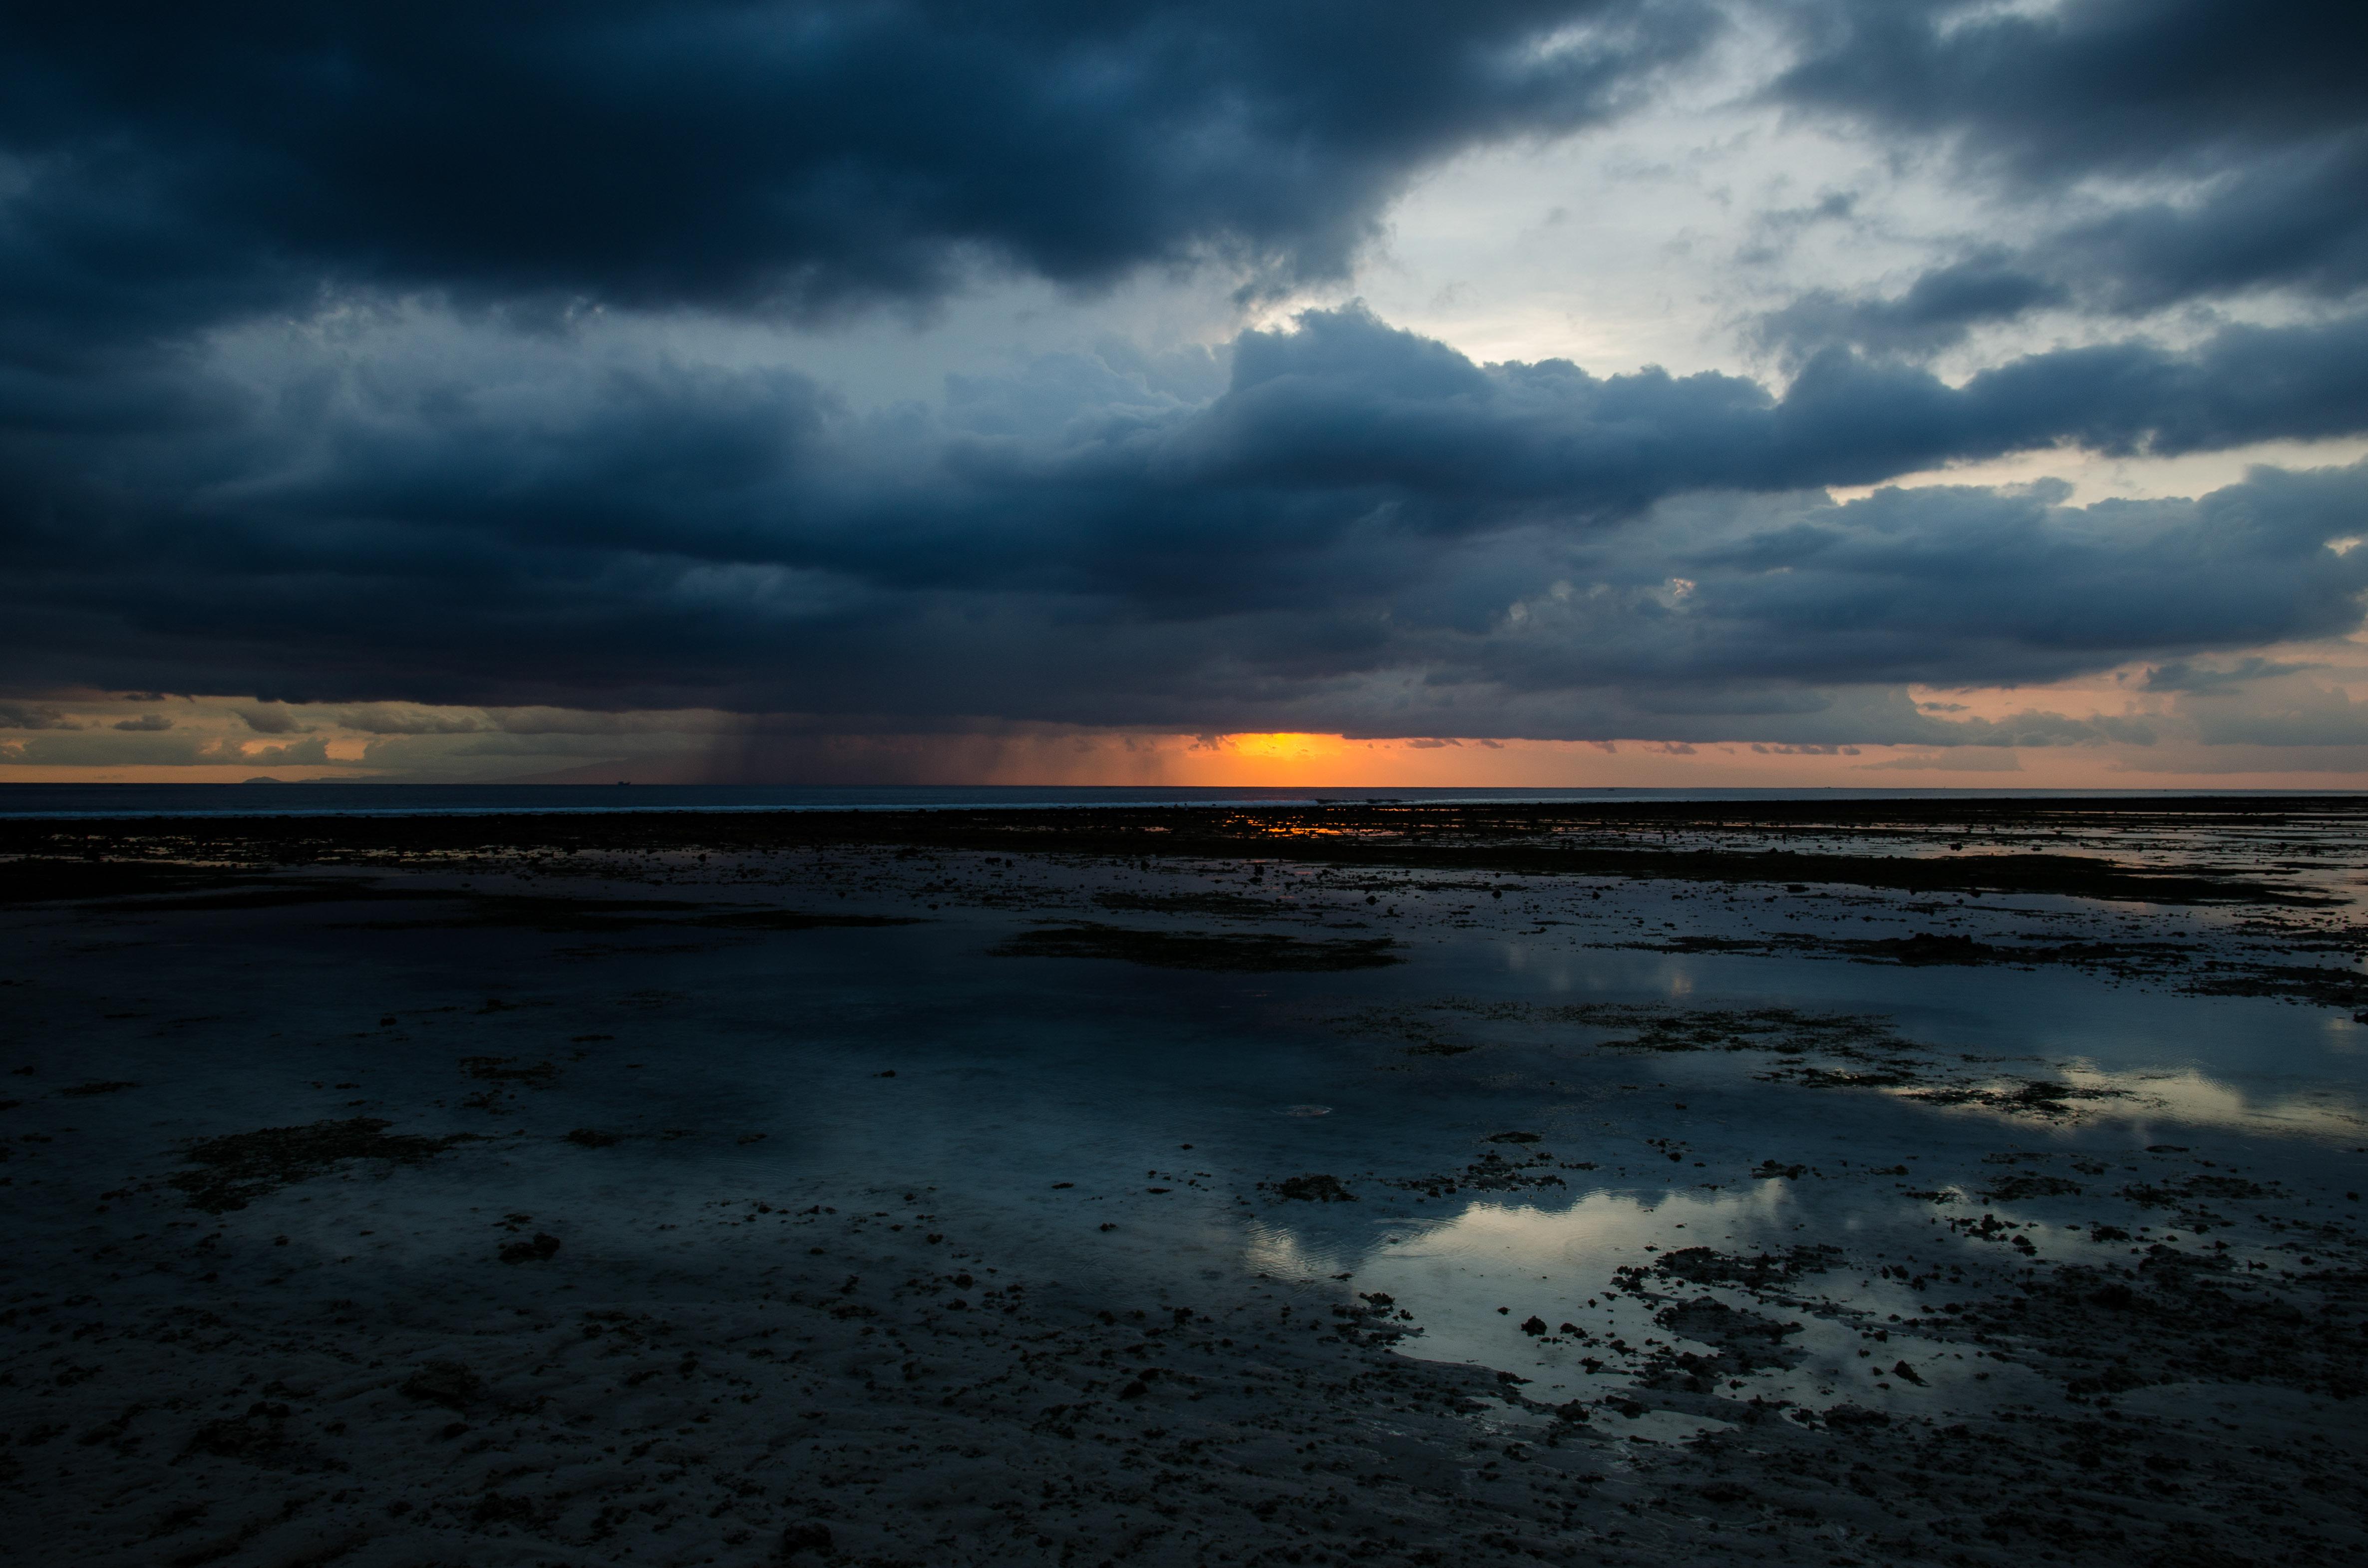 Rainy Clouds On Gili, Beach, Cloud, Coast, Dusk, HQ Photo